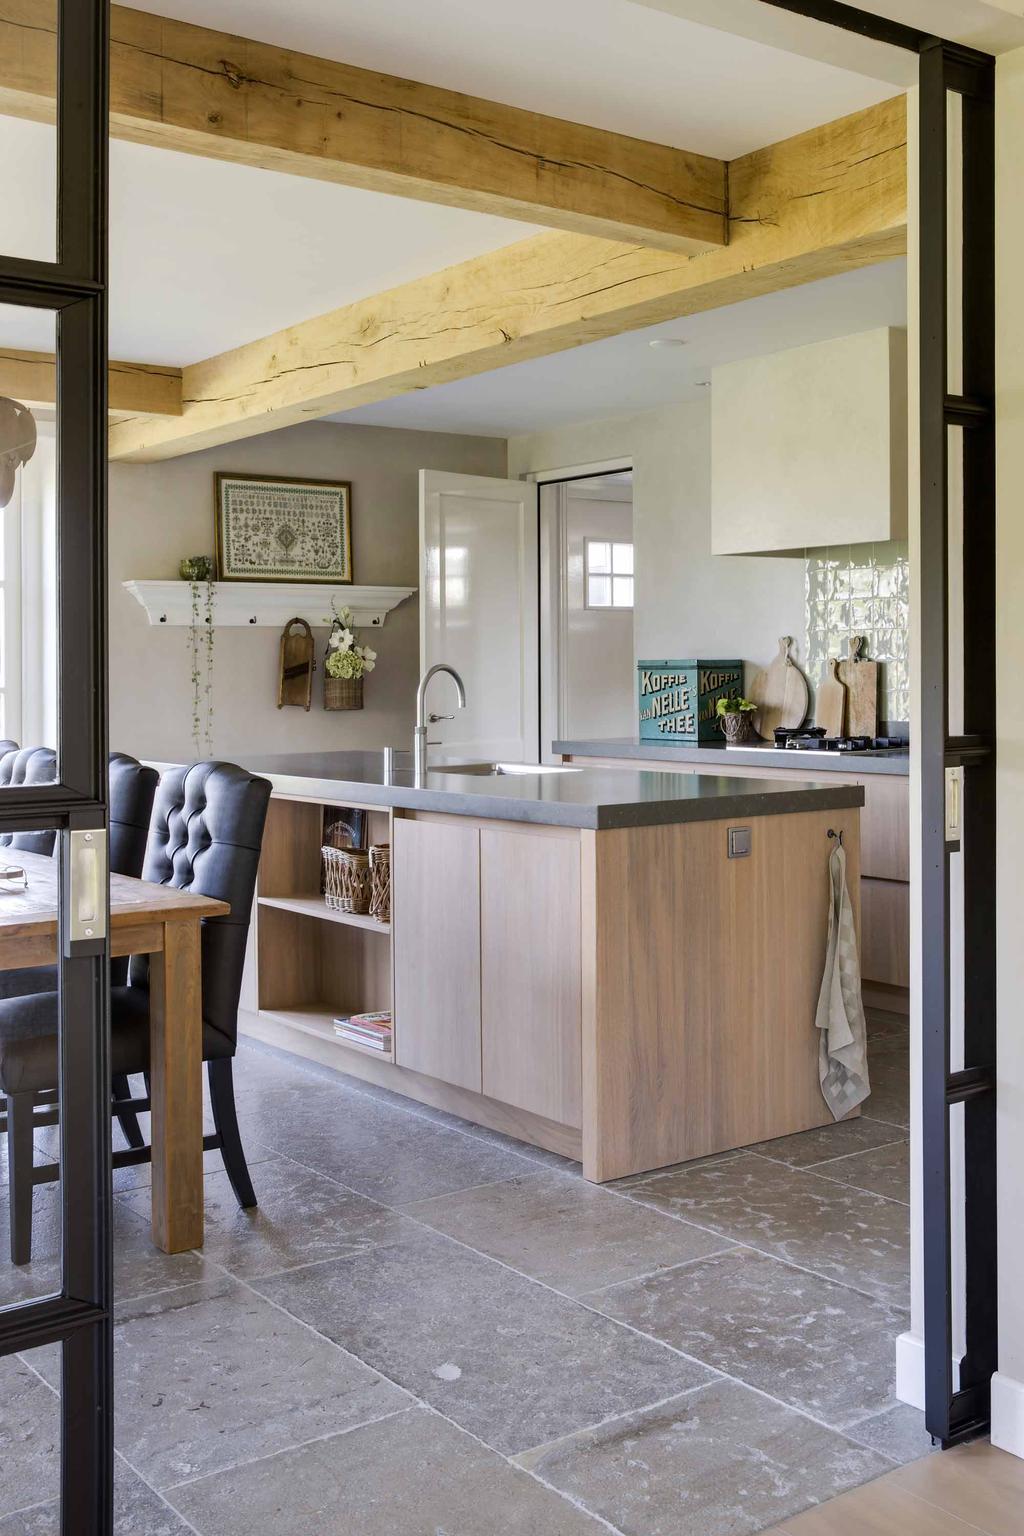 keukeneiland open keuken